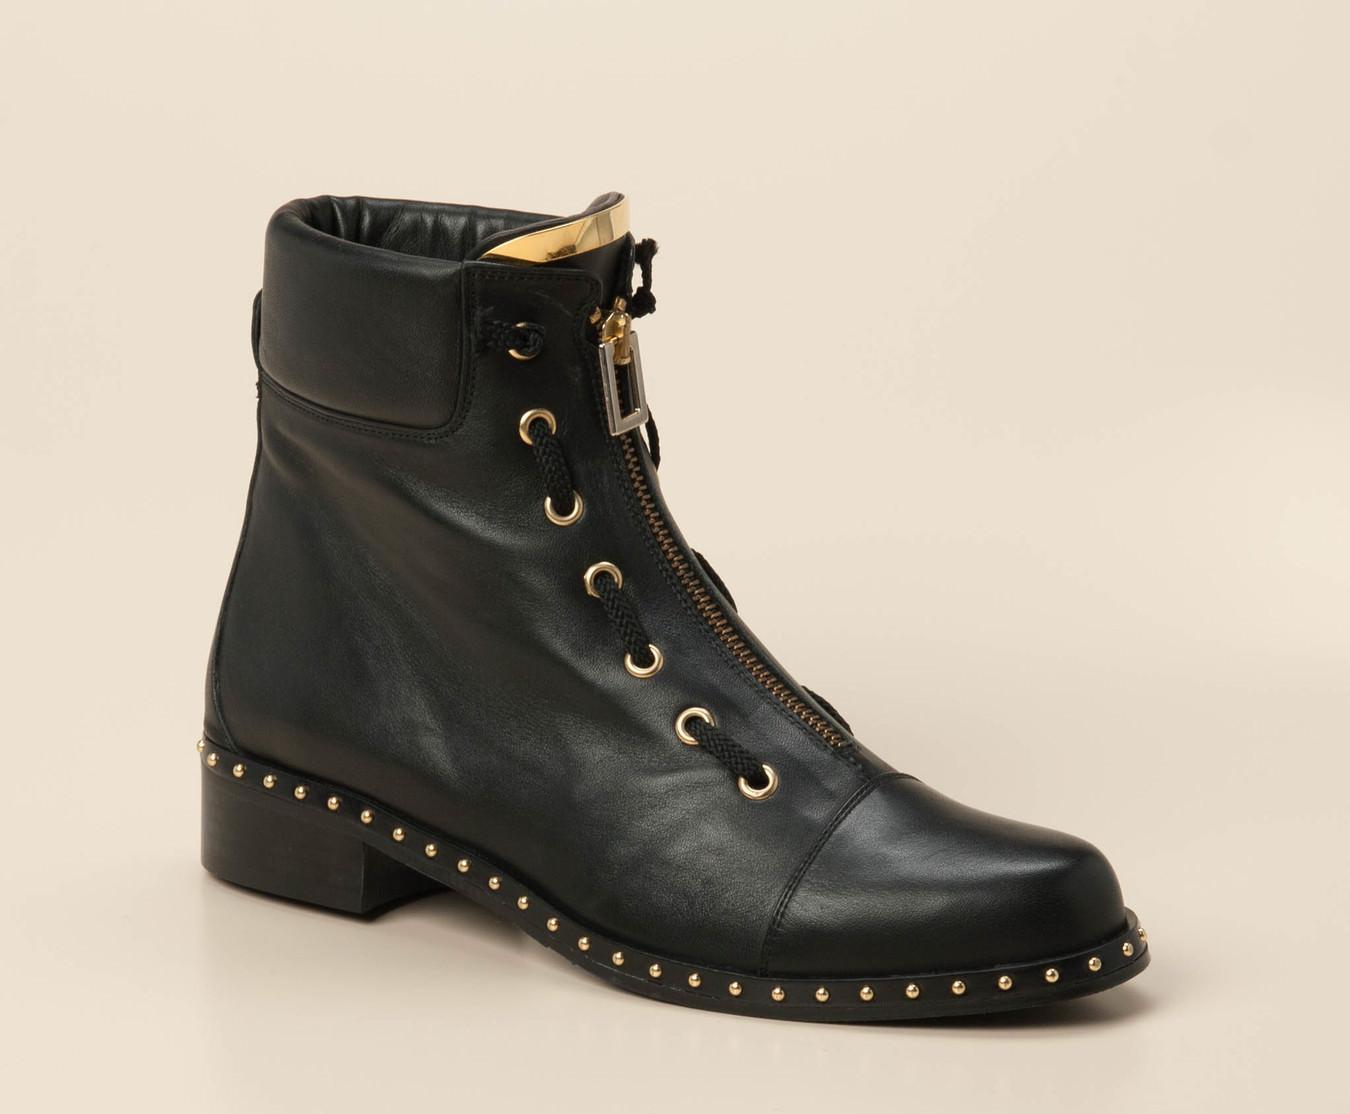 5bed227244 Konstantin Starke Damen Stiefelette in schwarz kaufen | Zumnorde ...